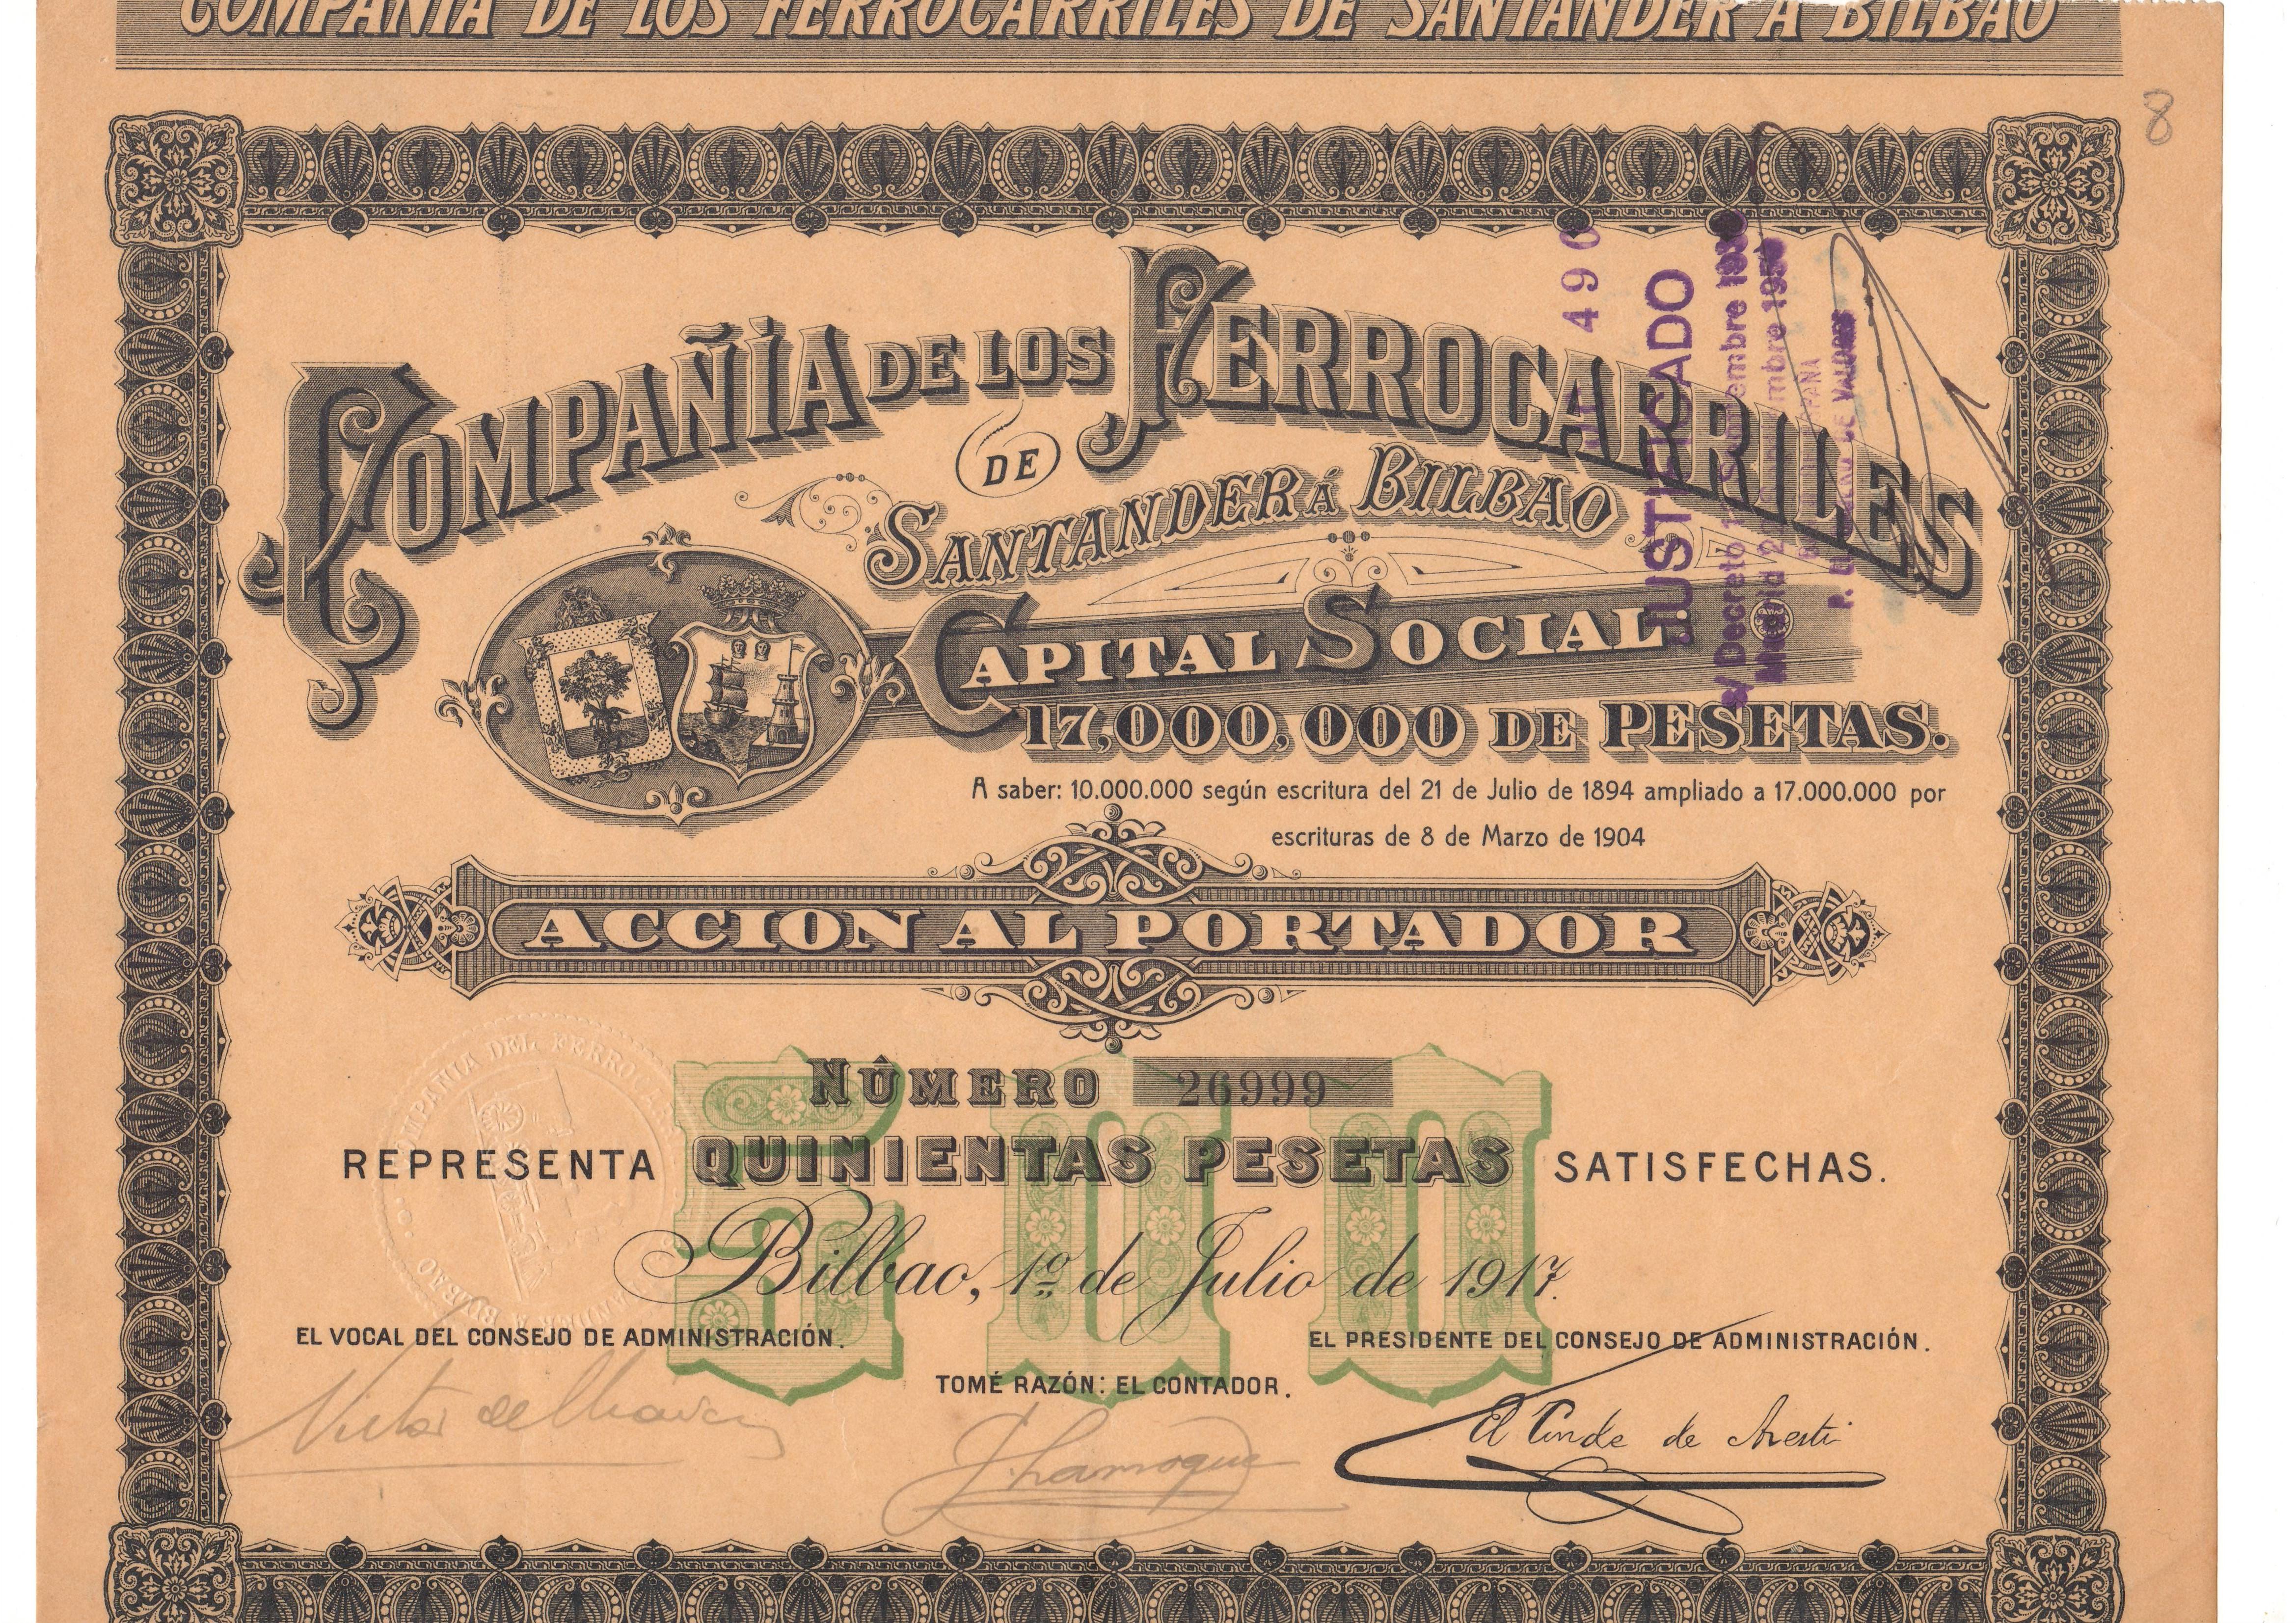 Compañía de los Ferrocarriles de Santander a Bilbao